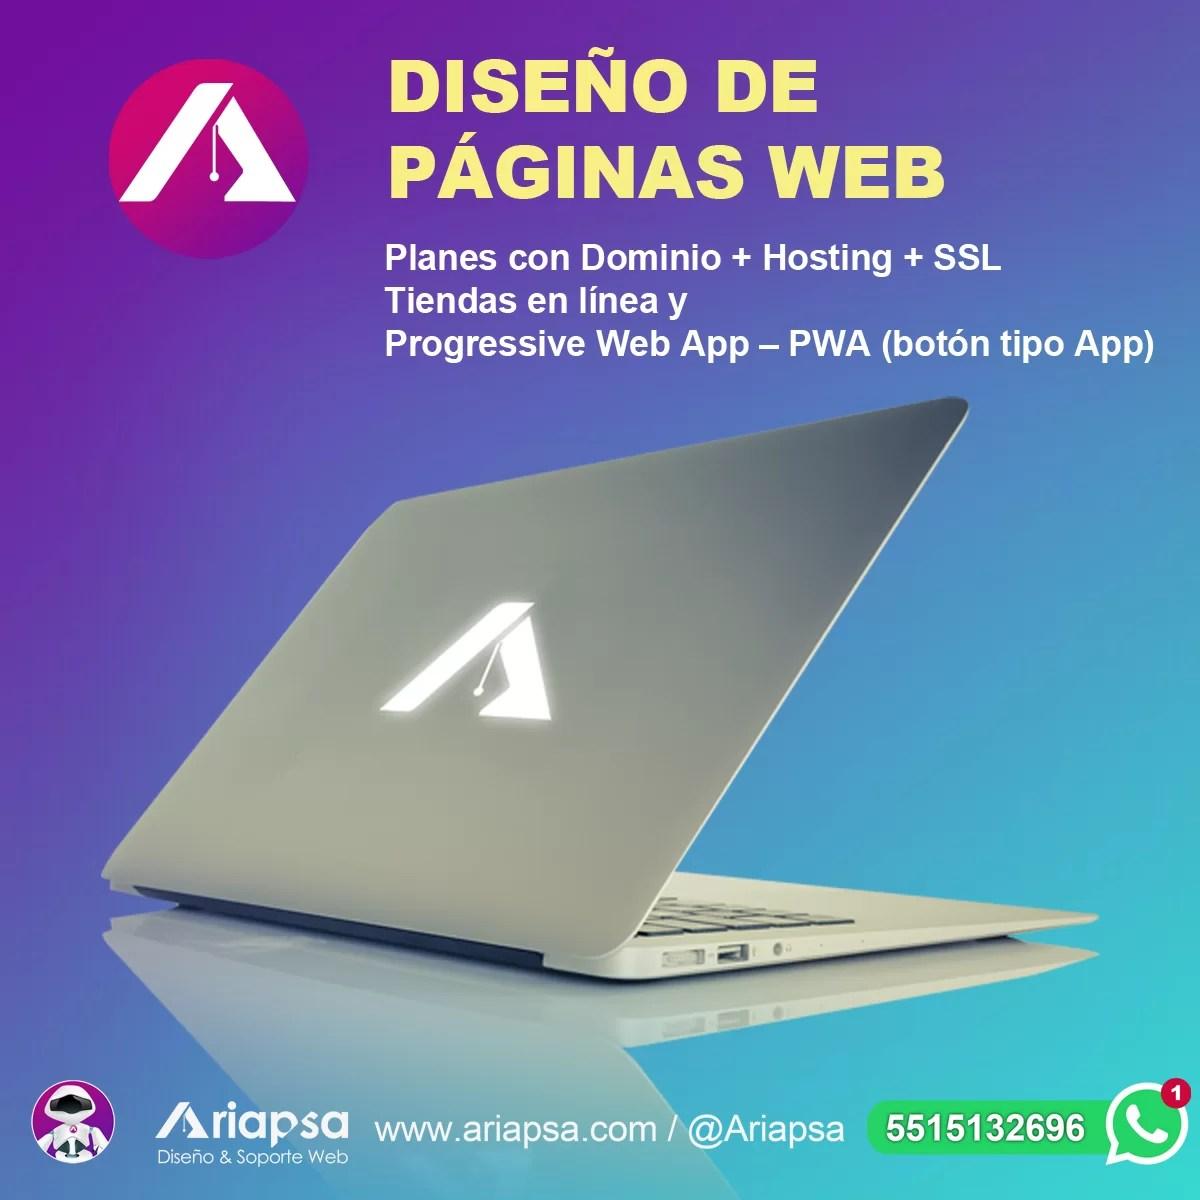 Diseño web México Ariapsa 3A